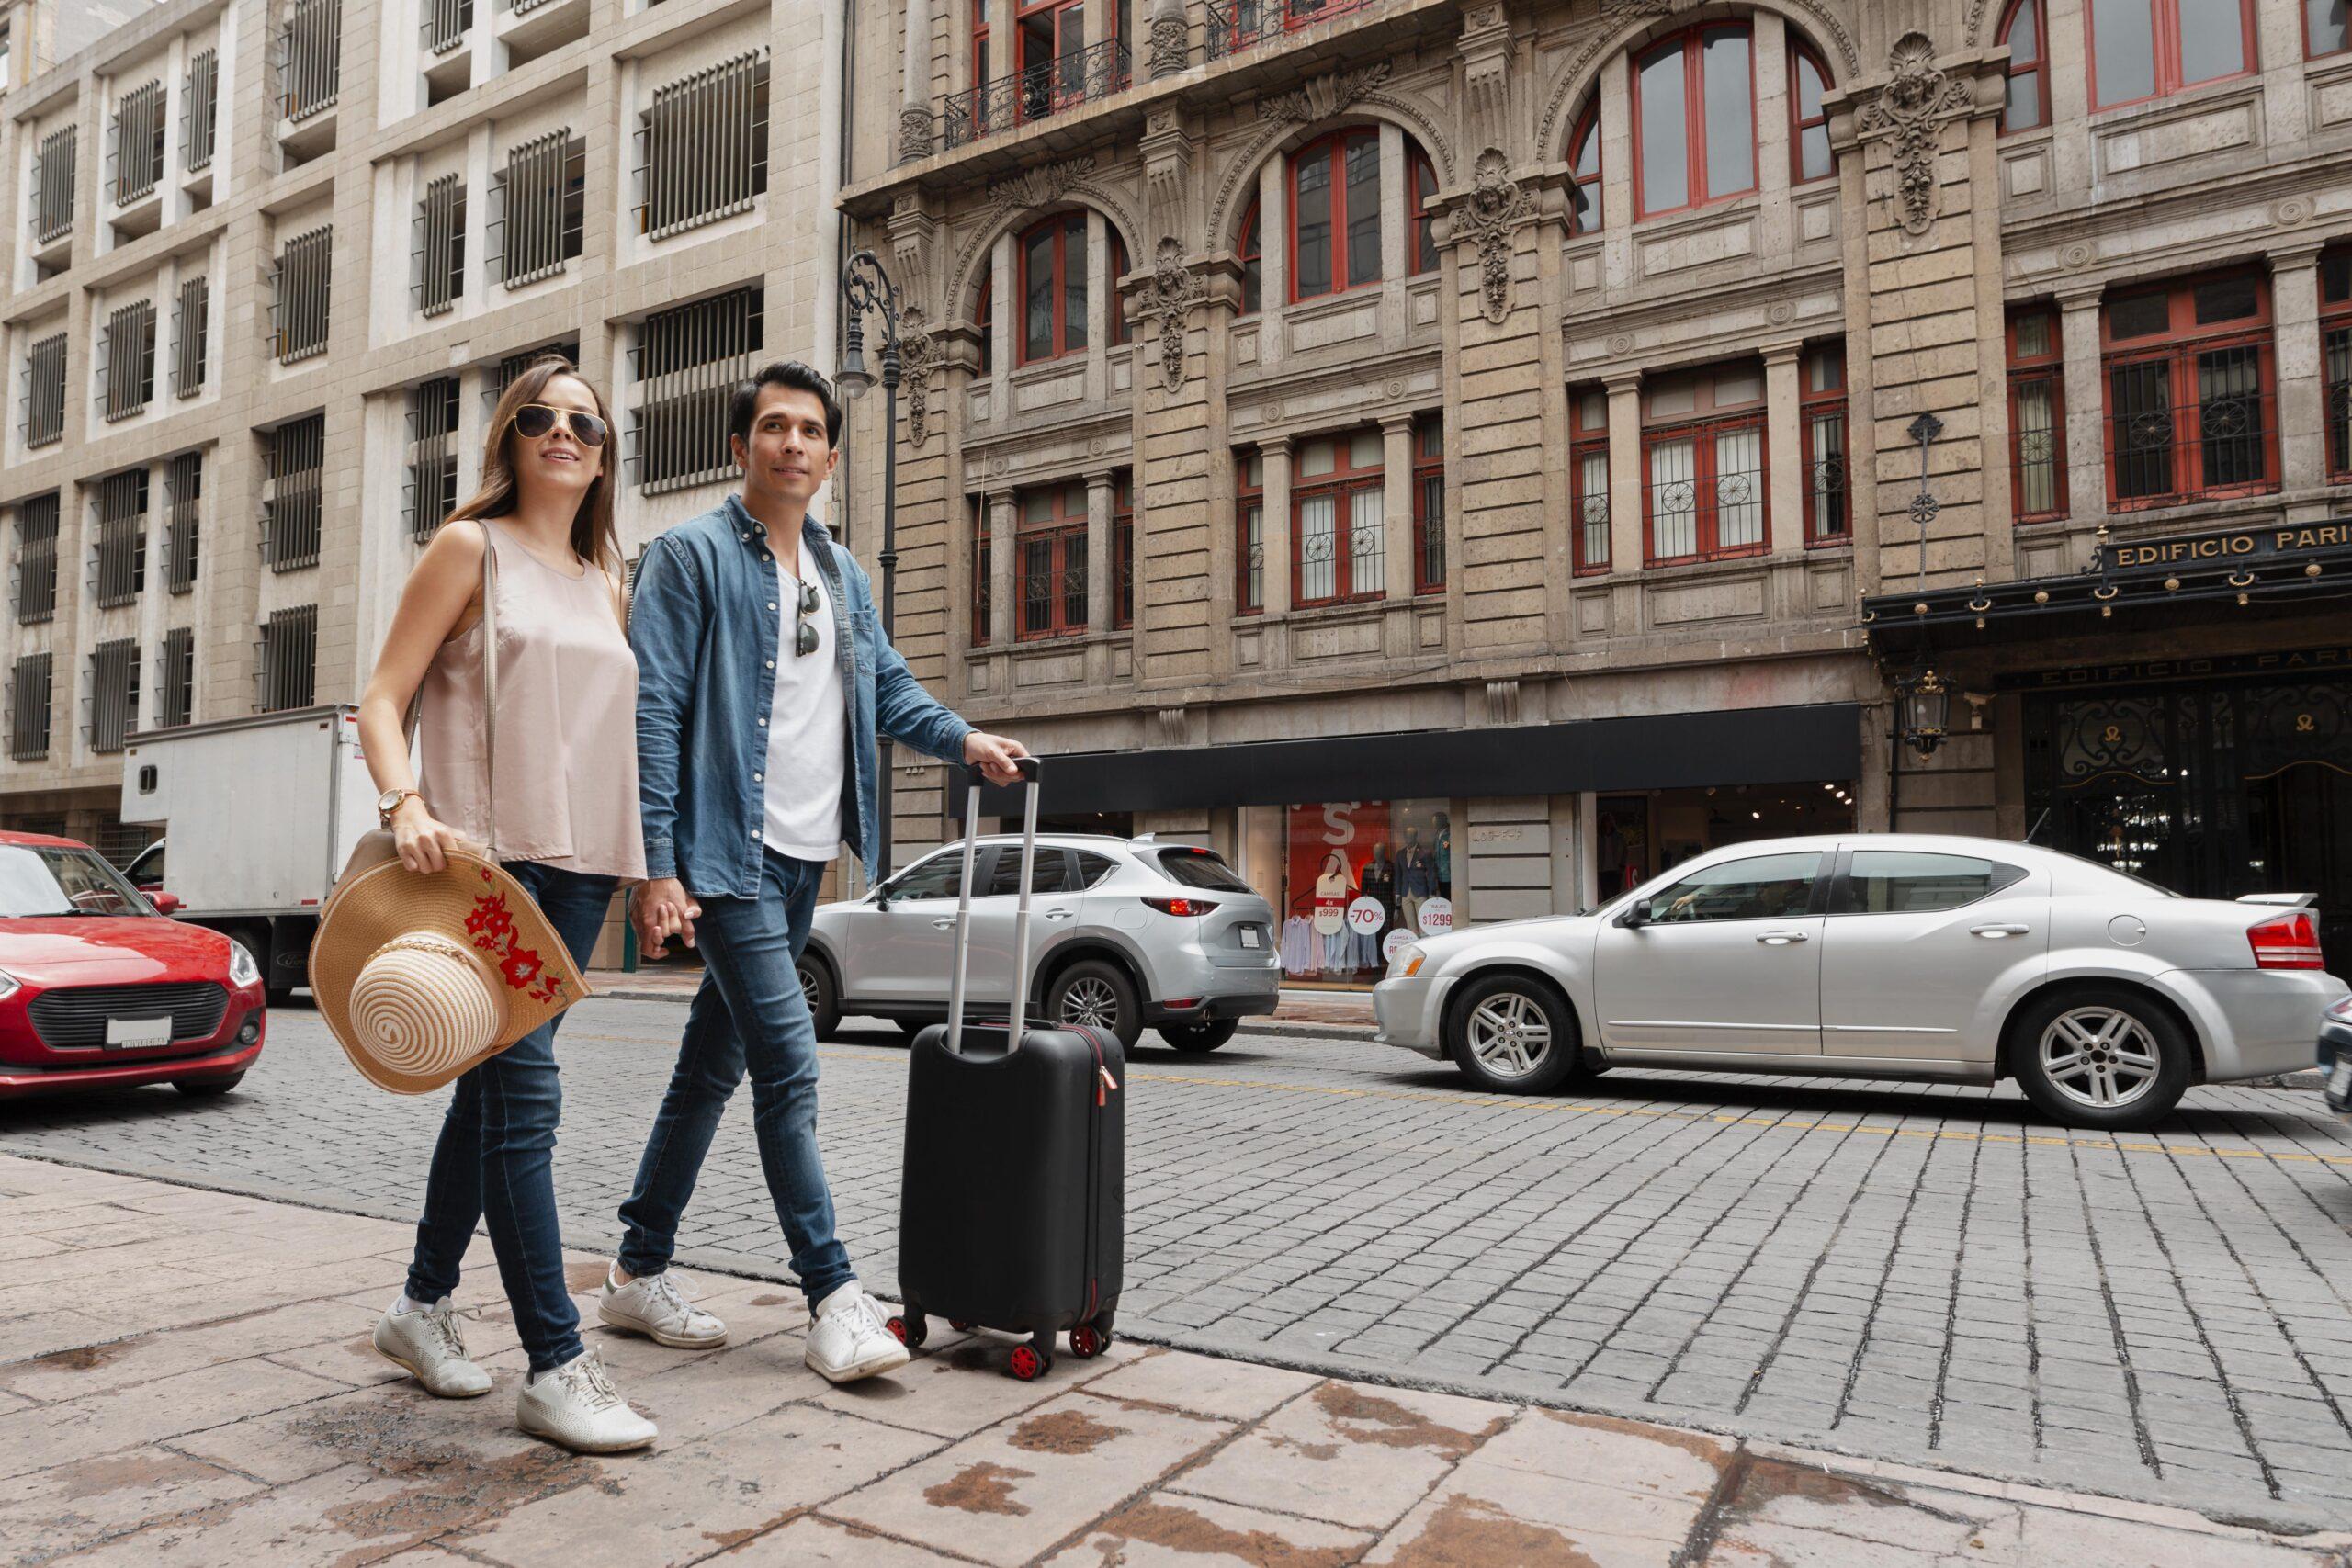 Covidtest Zertifikat bei Reisen und Urlaub